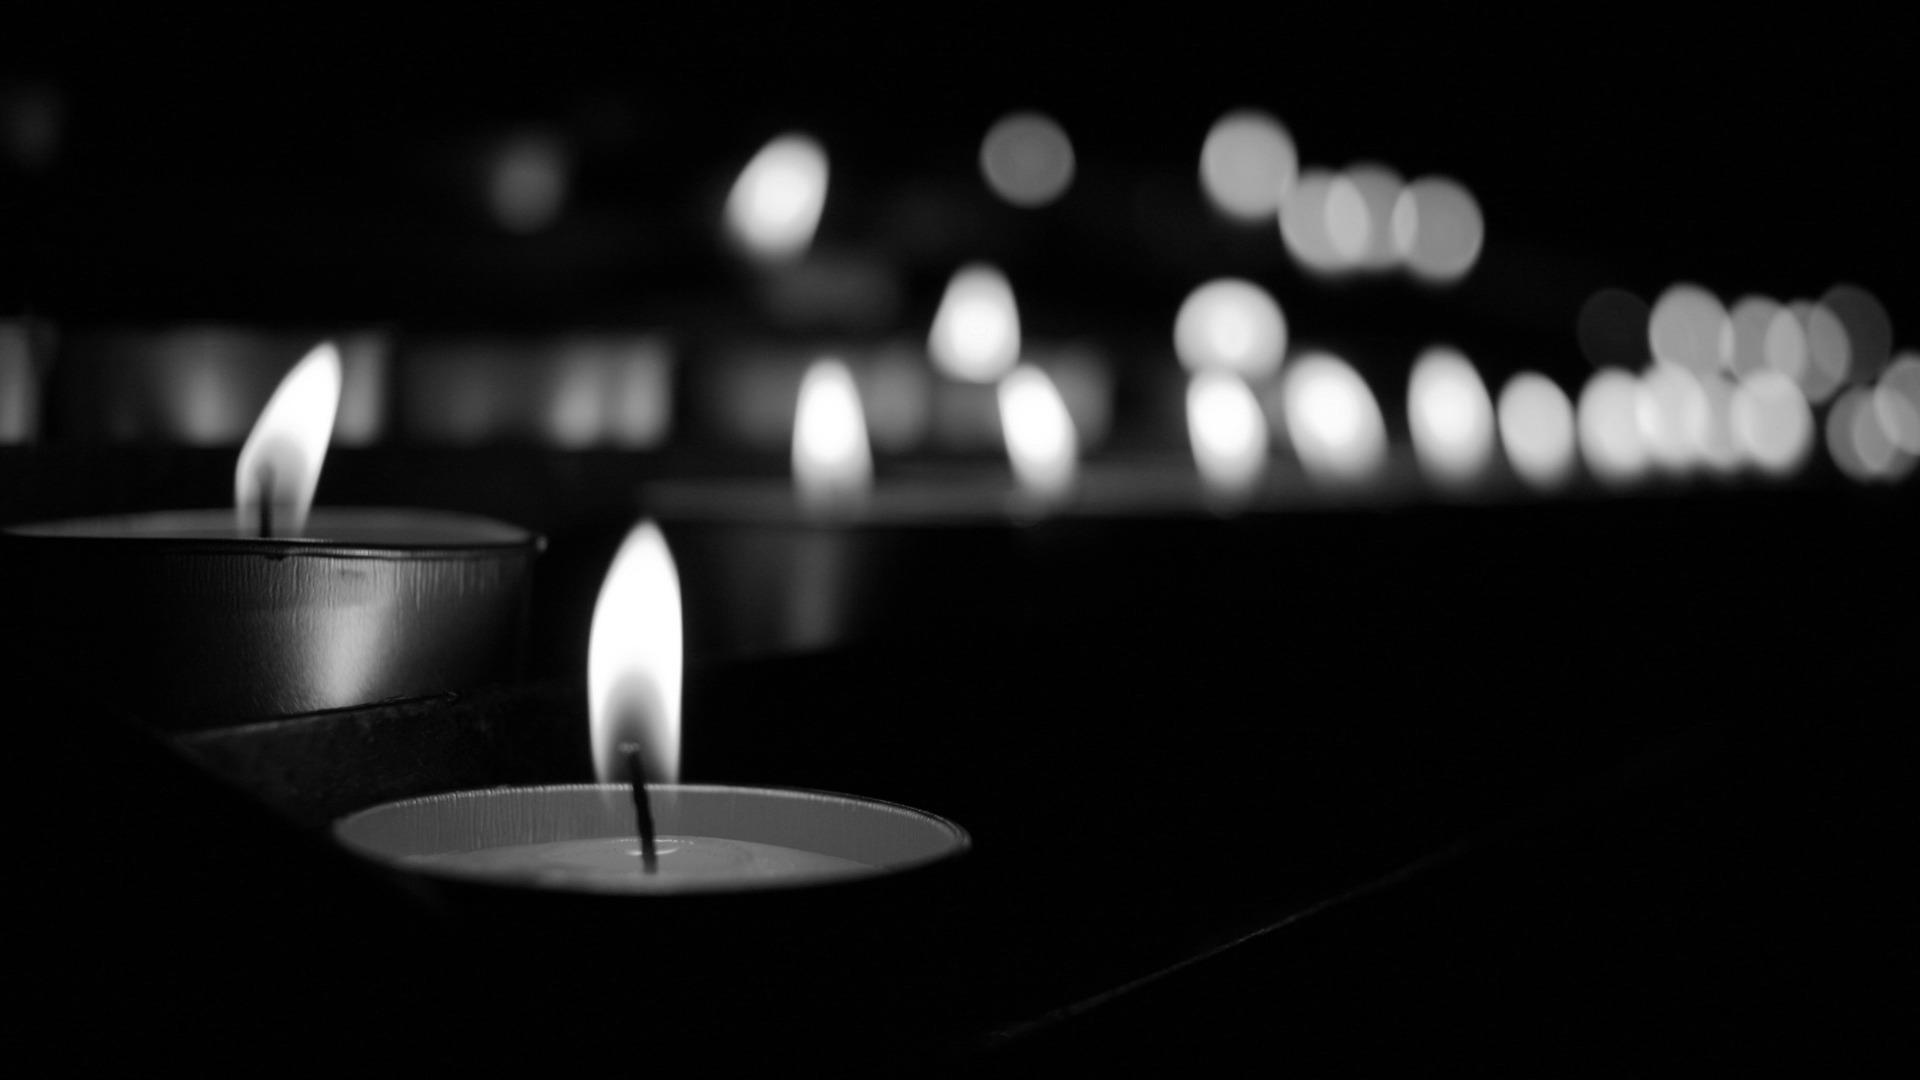 いつもすること と Covid-19の犠牲者への追悼